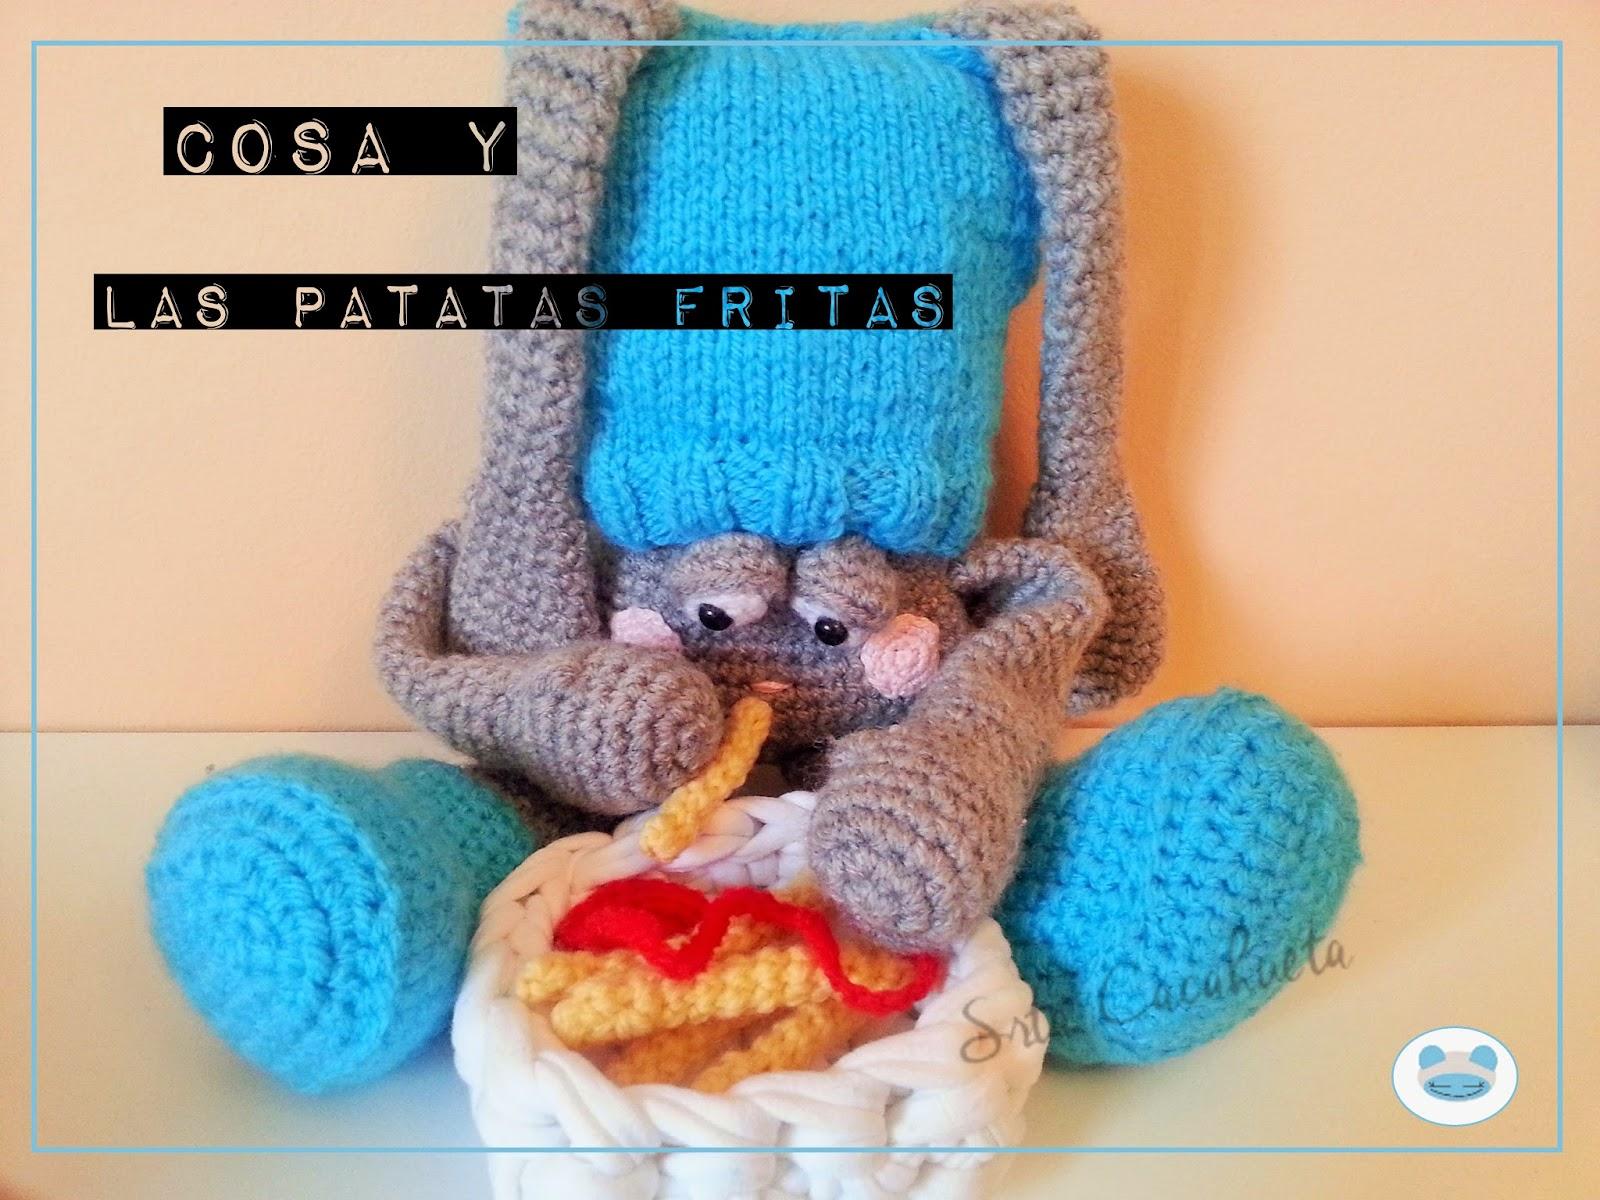 http://srtacacahueta.blogspot.com/2015/04/mas-patrones-de-patatas.html